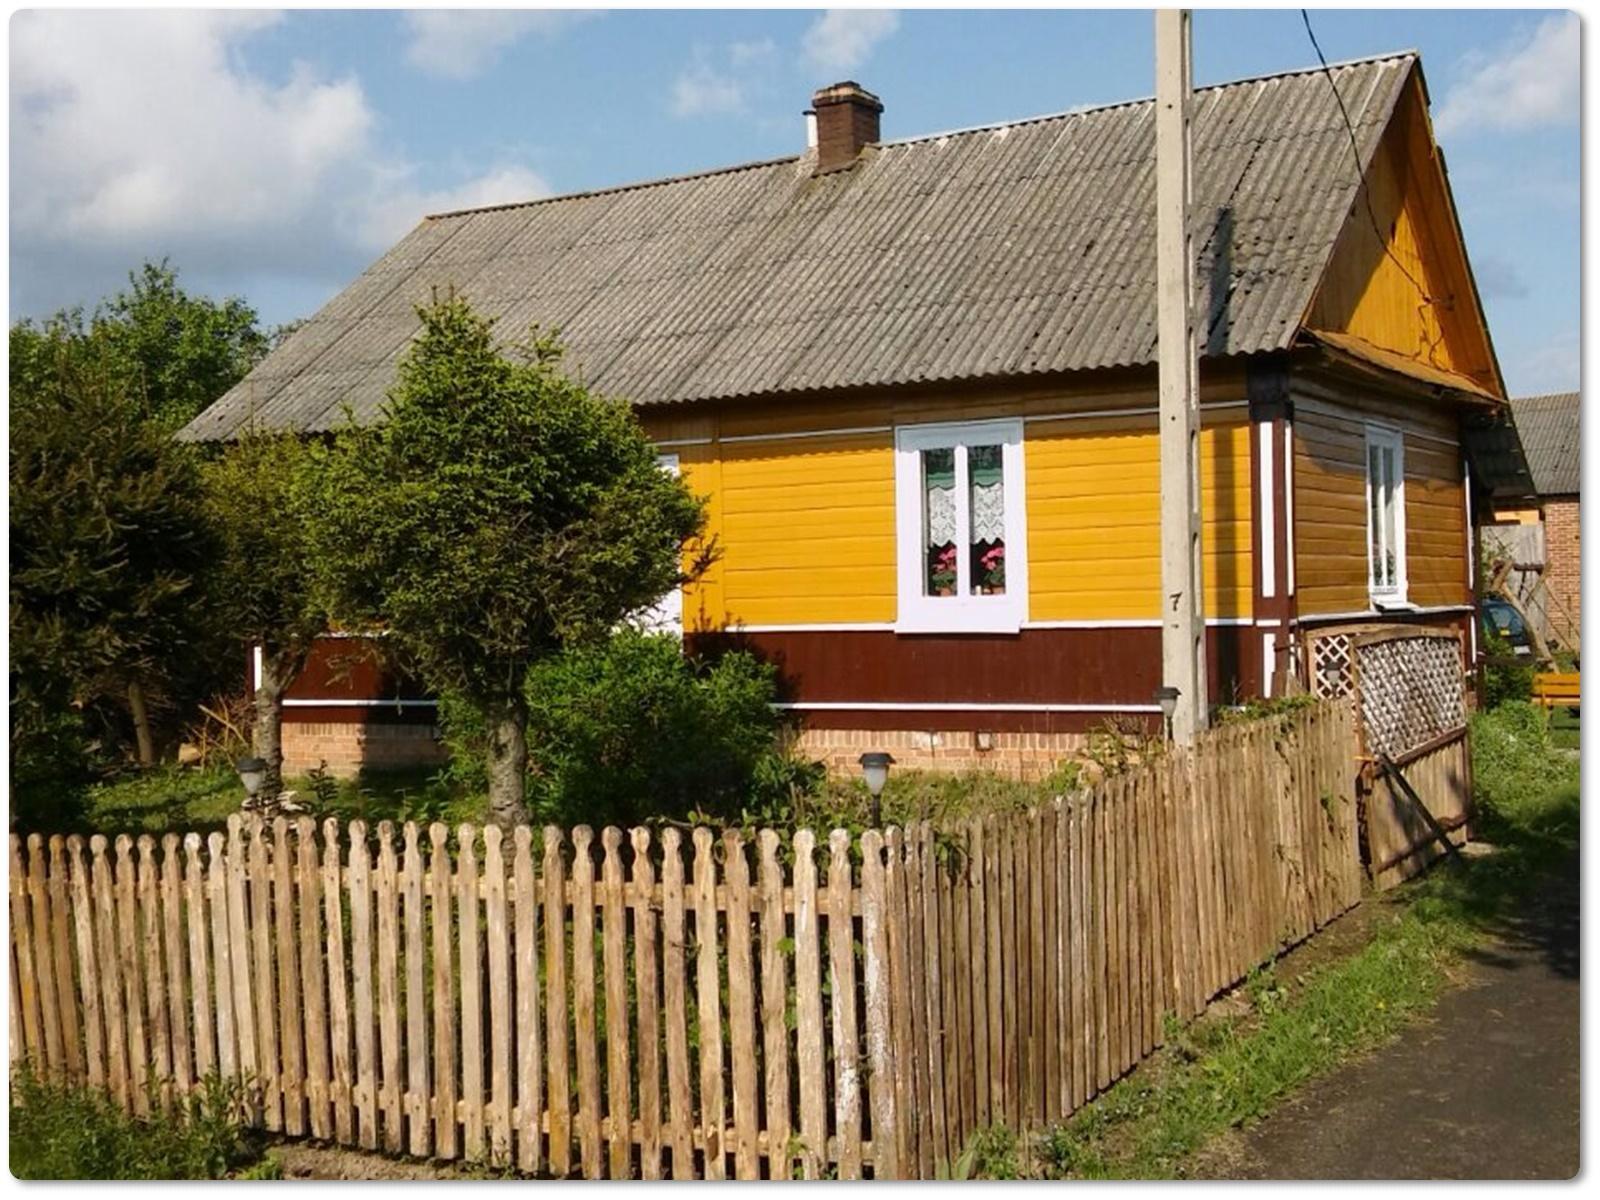 Dom sercem malowany